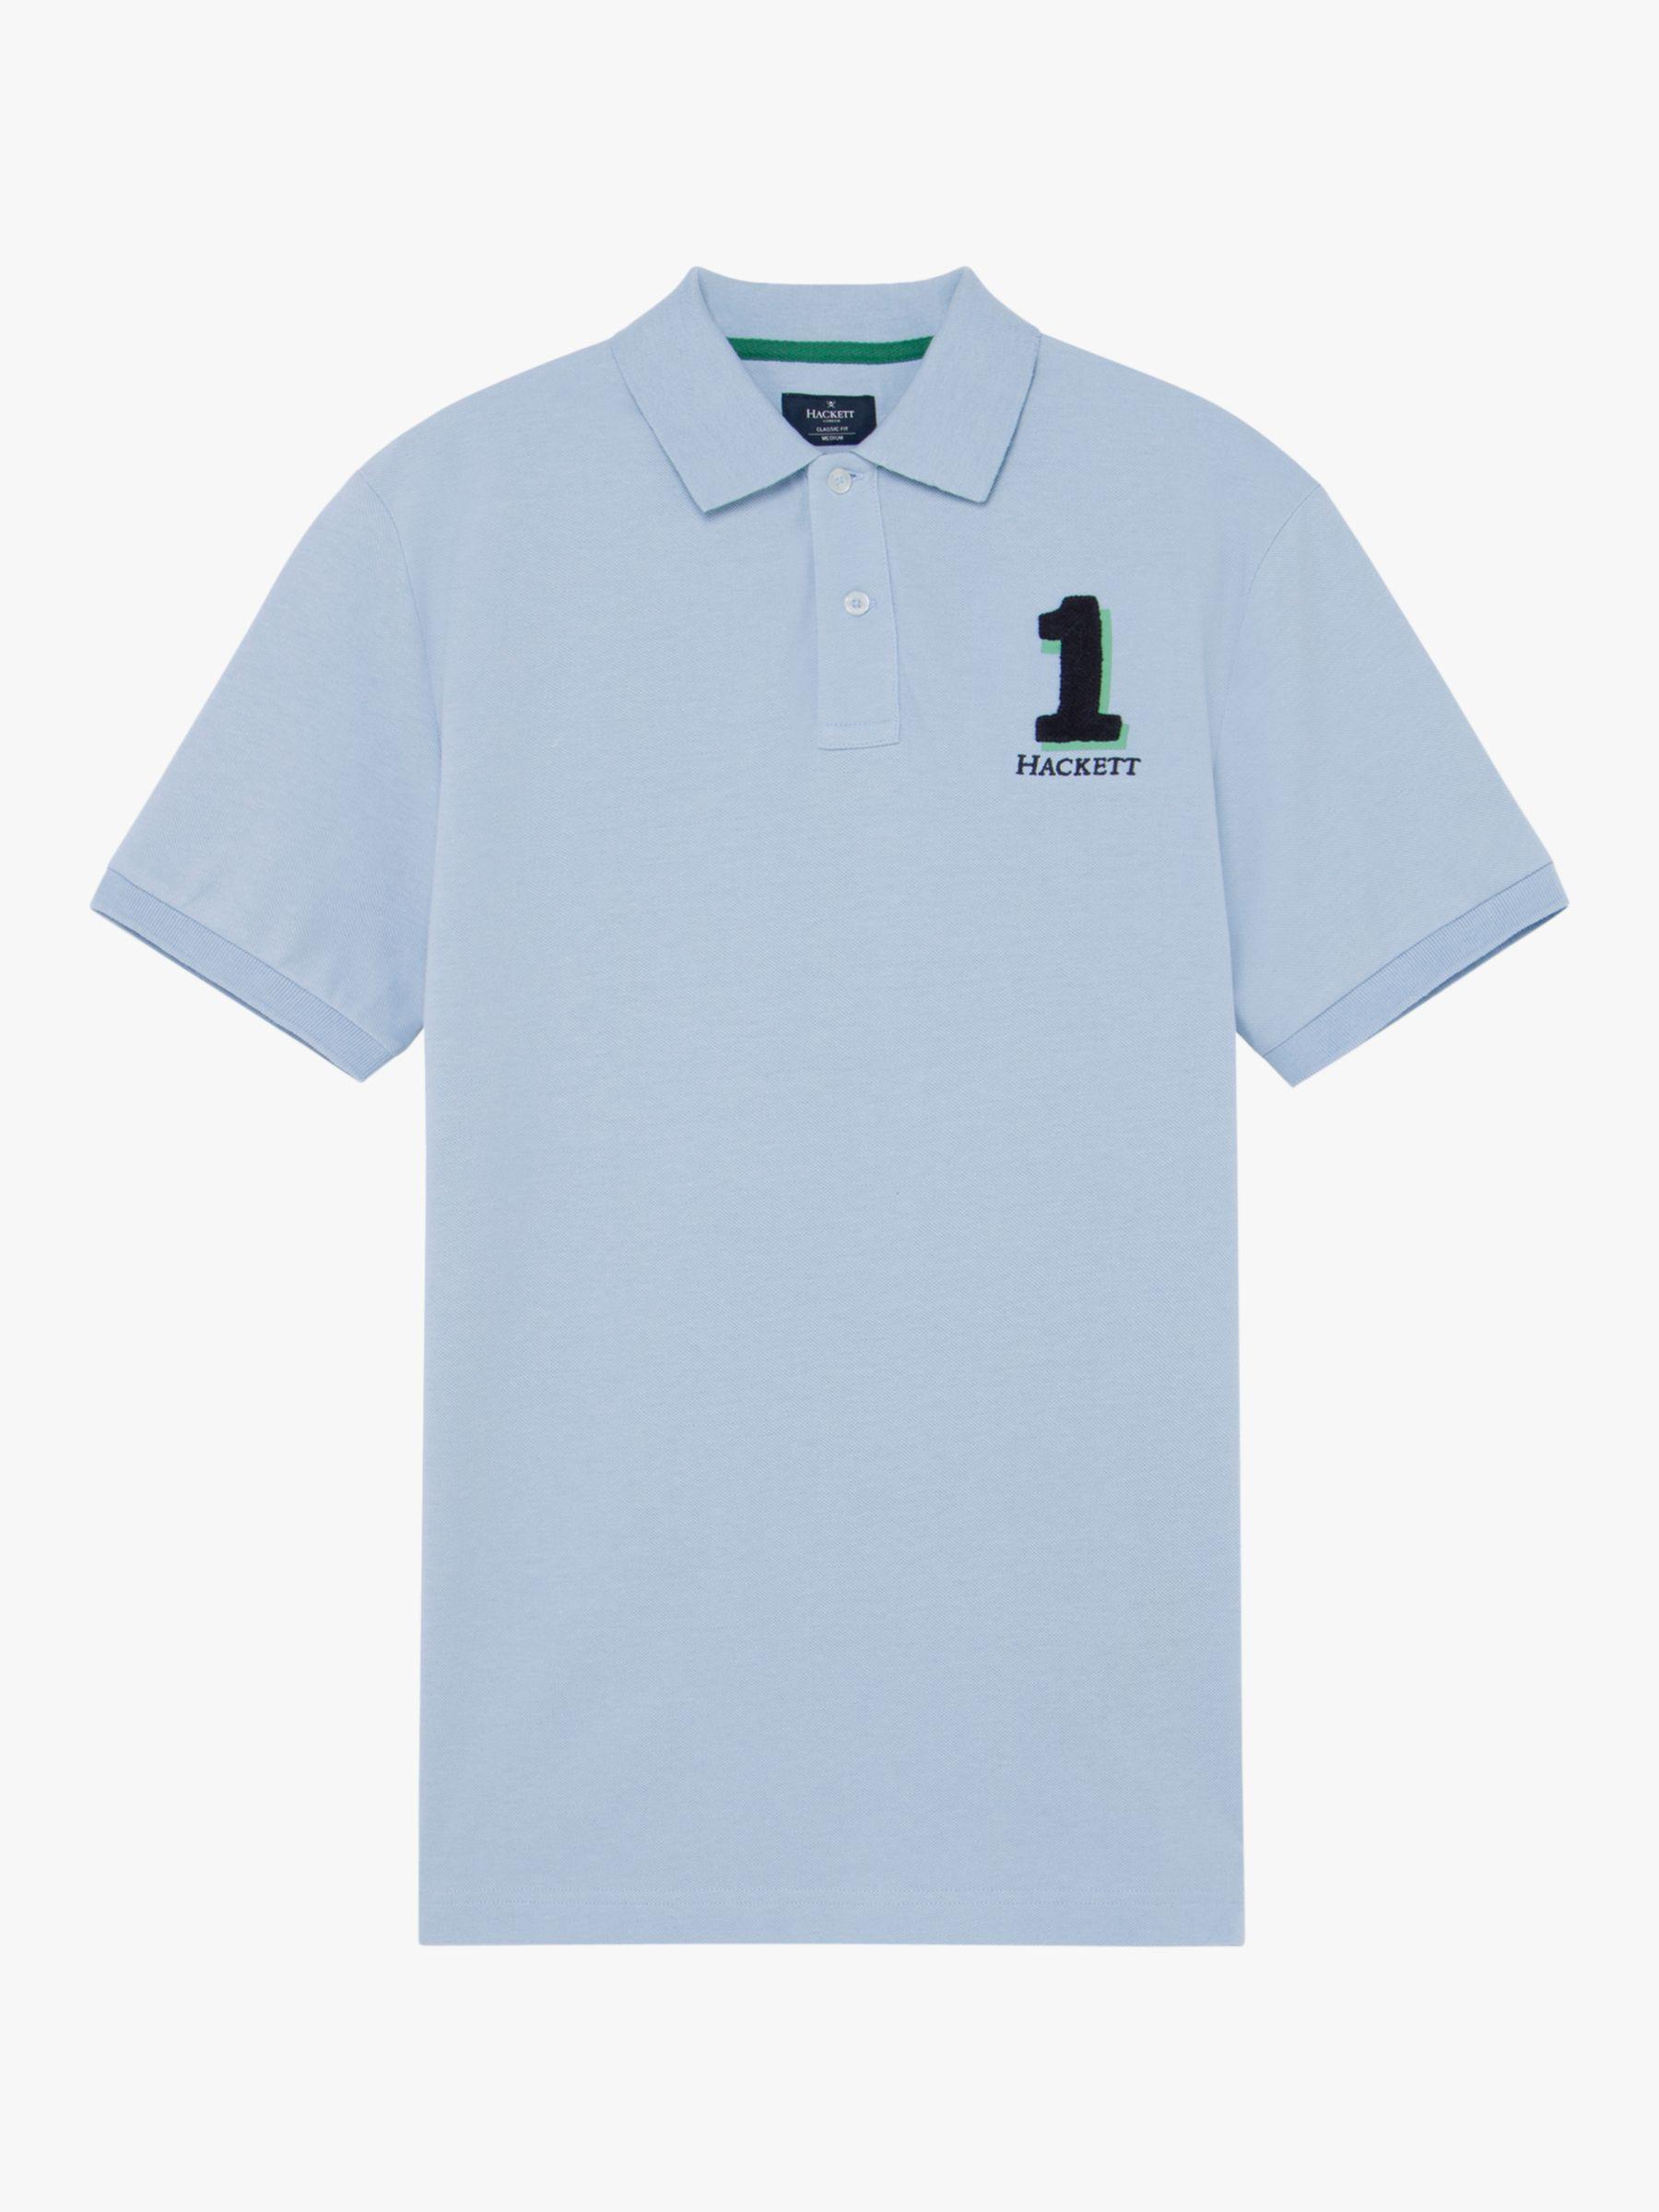 Hackett London Hackett London New Classic Logo Polo Shirt